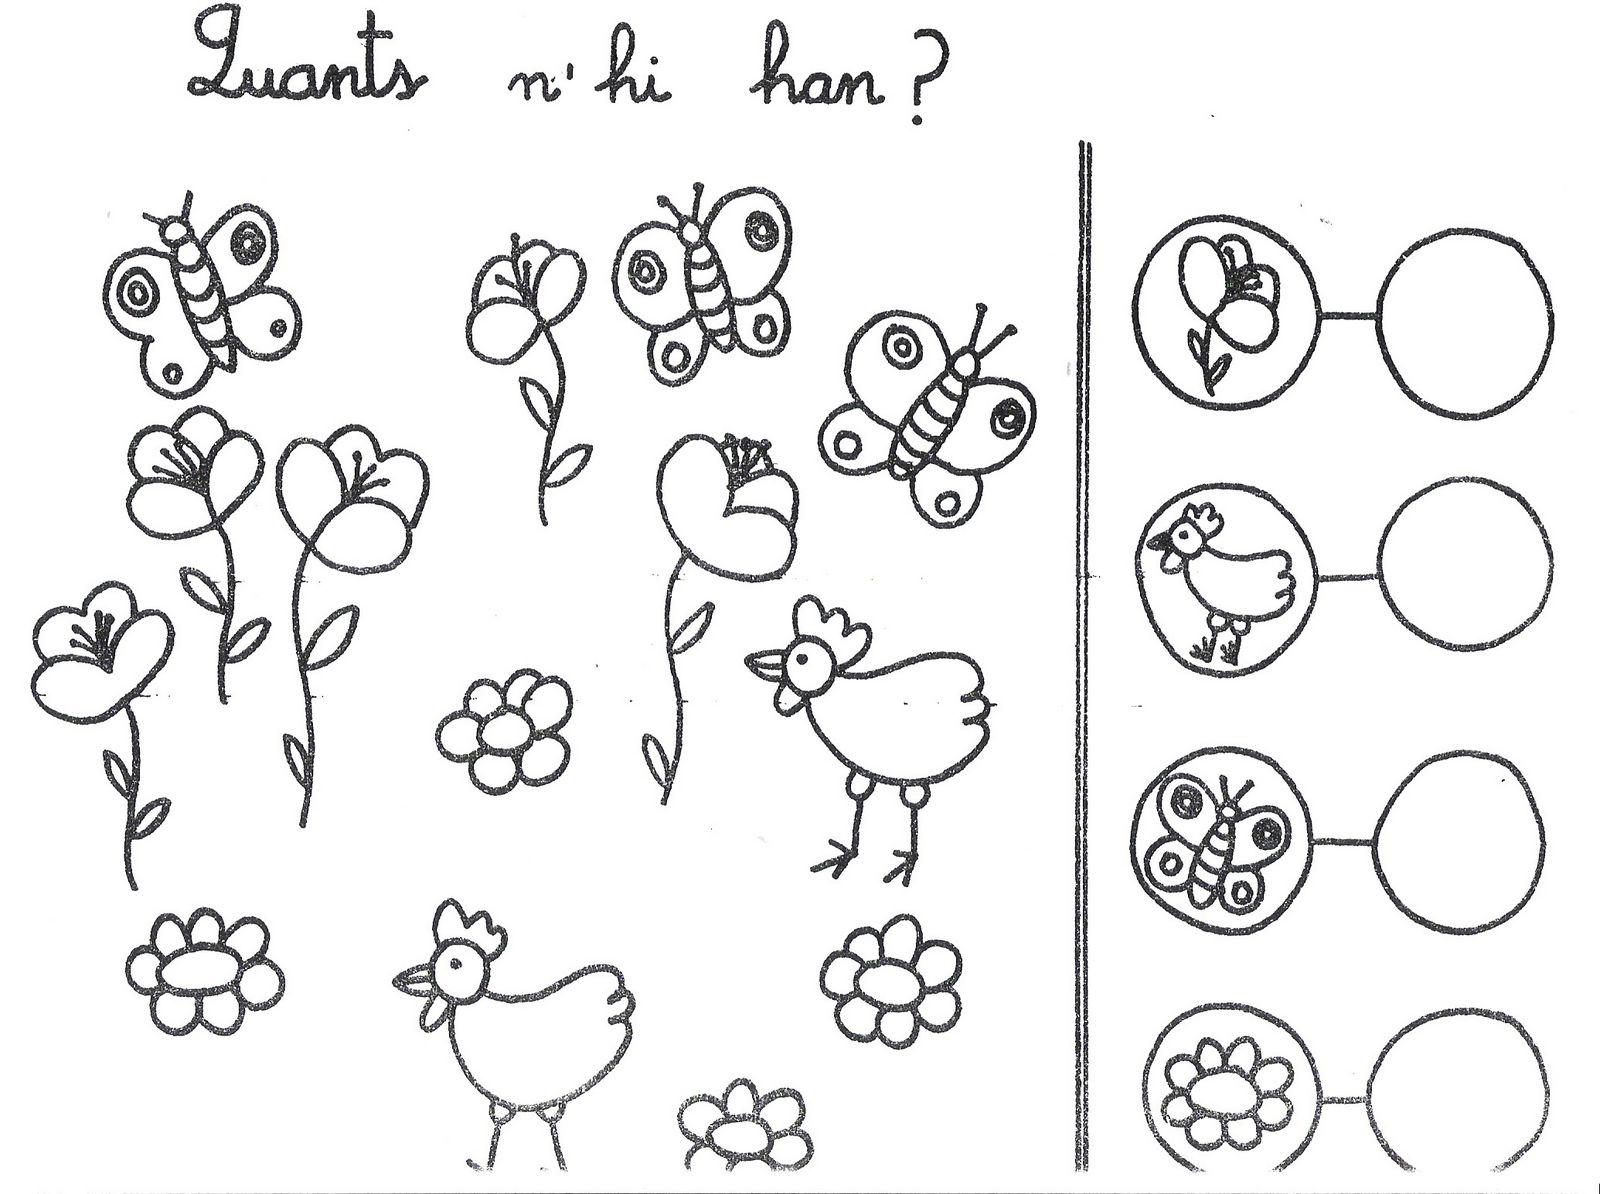 Fichas Infantiles: Fichas de números del 1 al 5